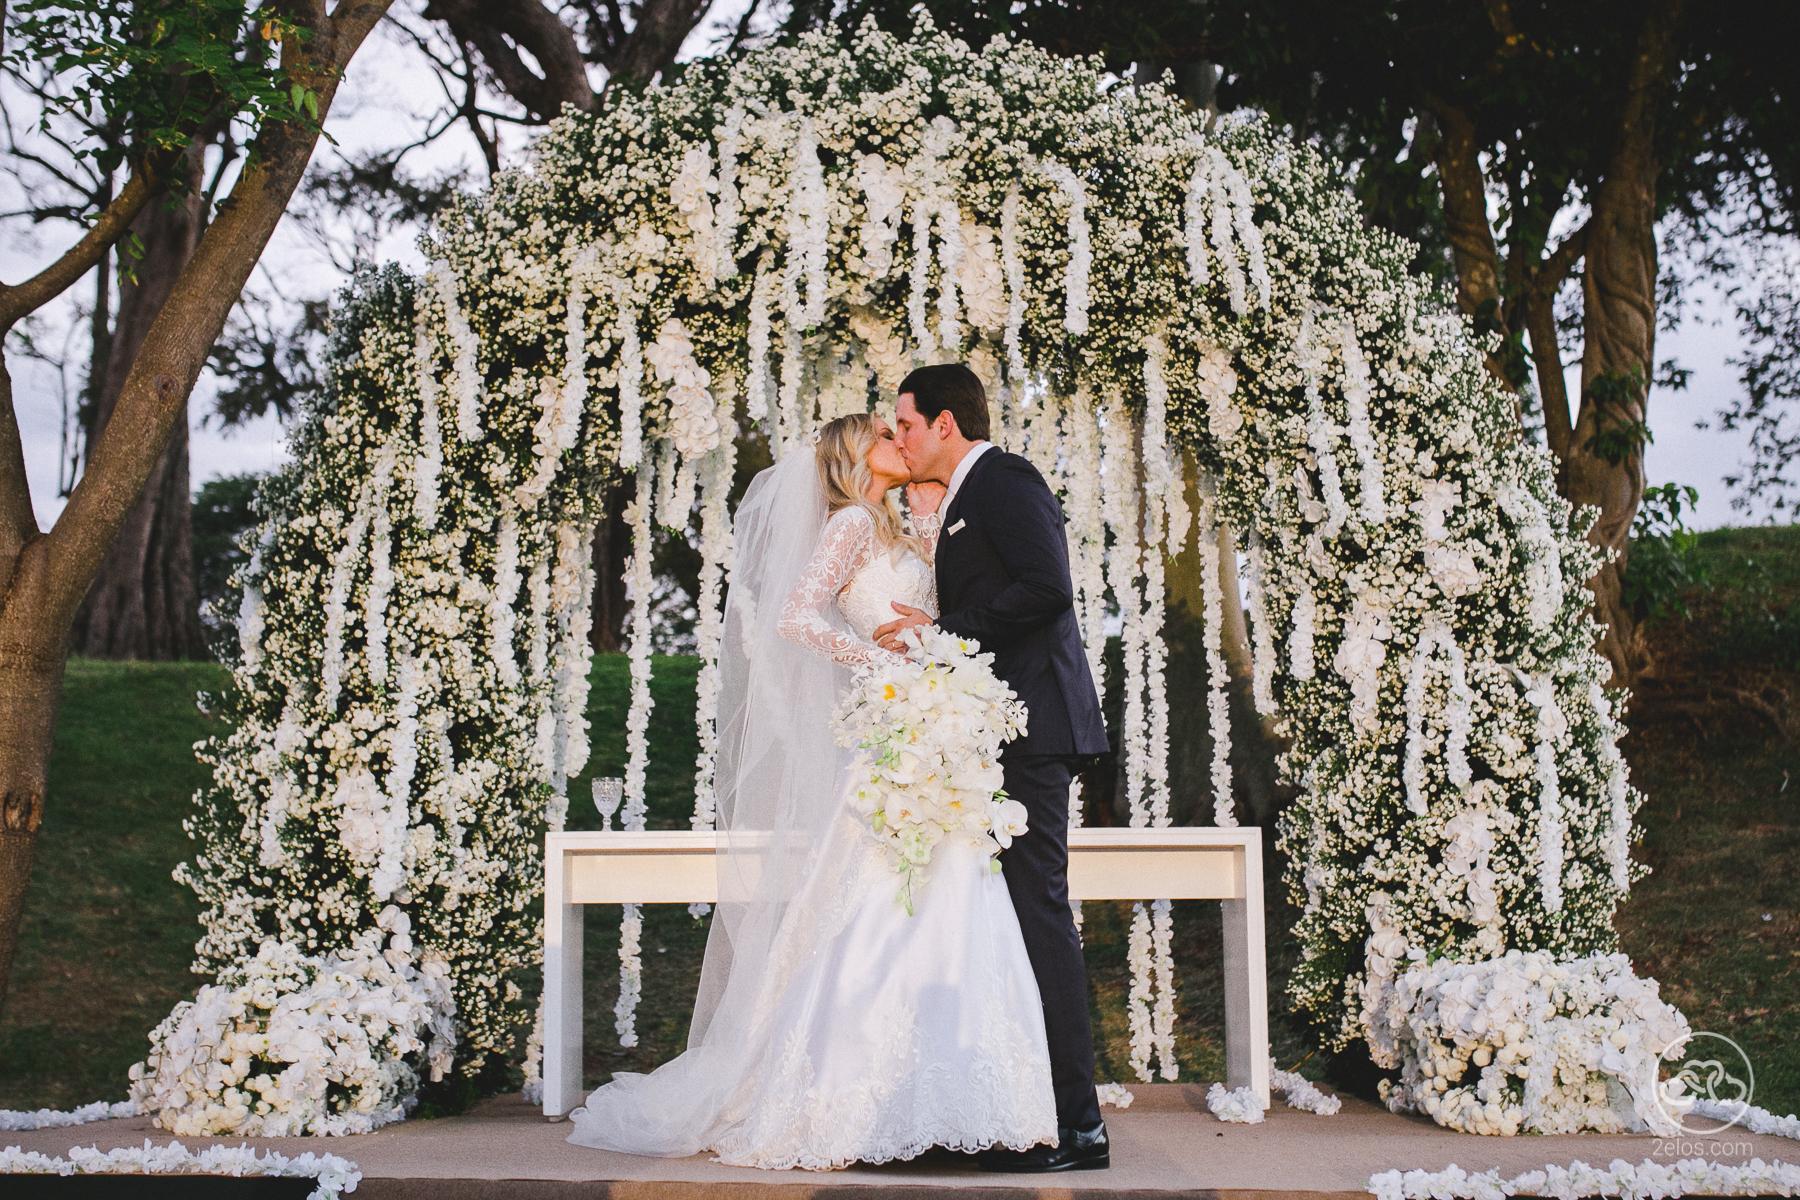 Arco de flores na decoração | Foto: Dois elos